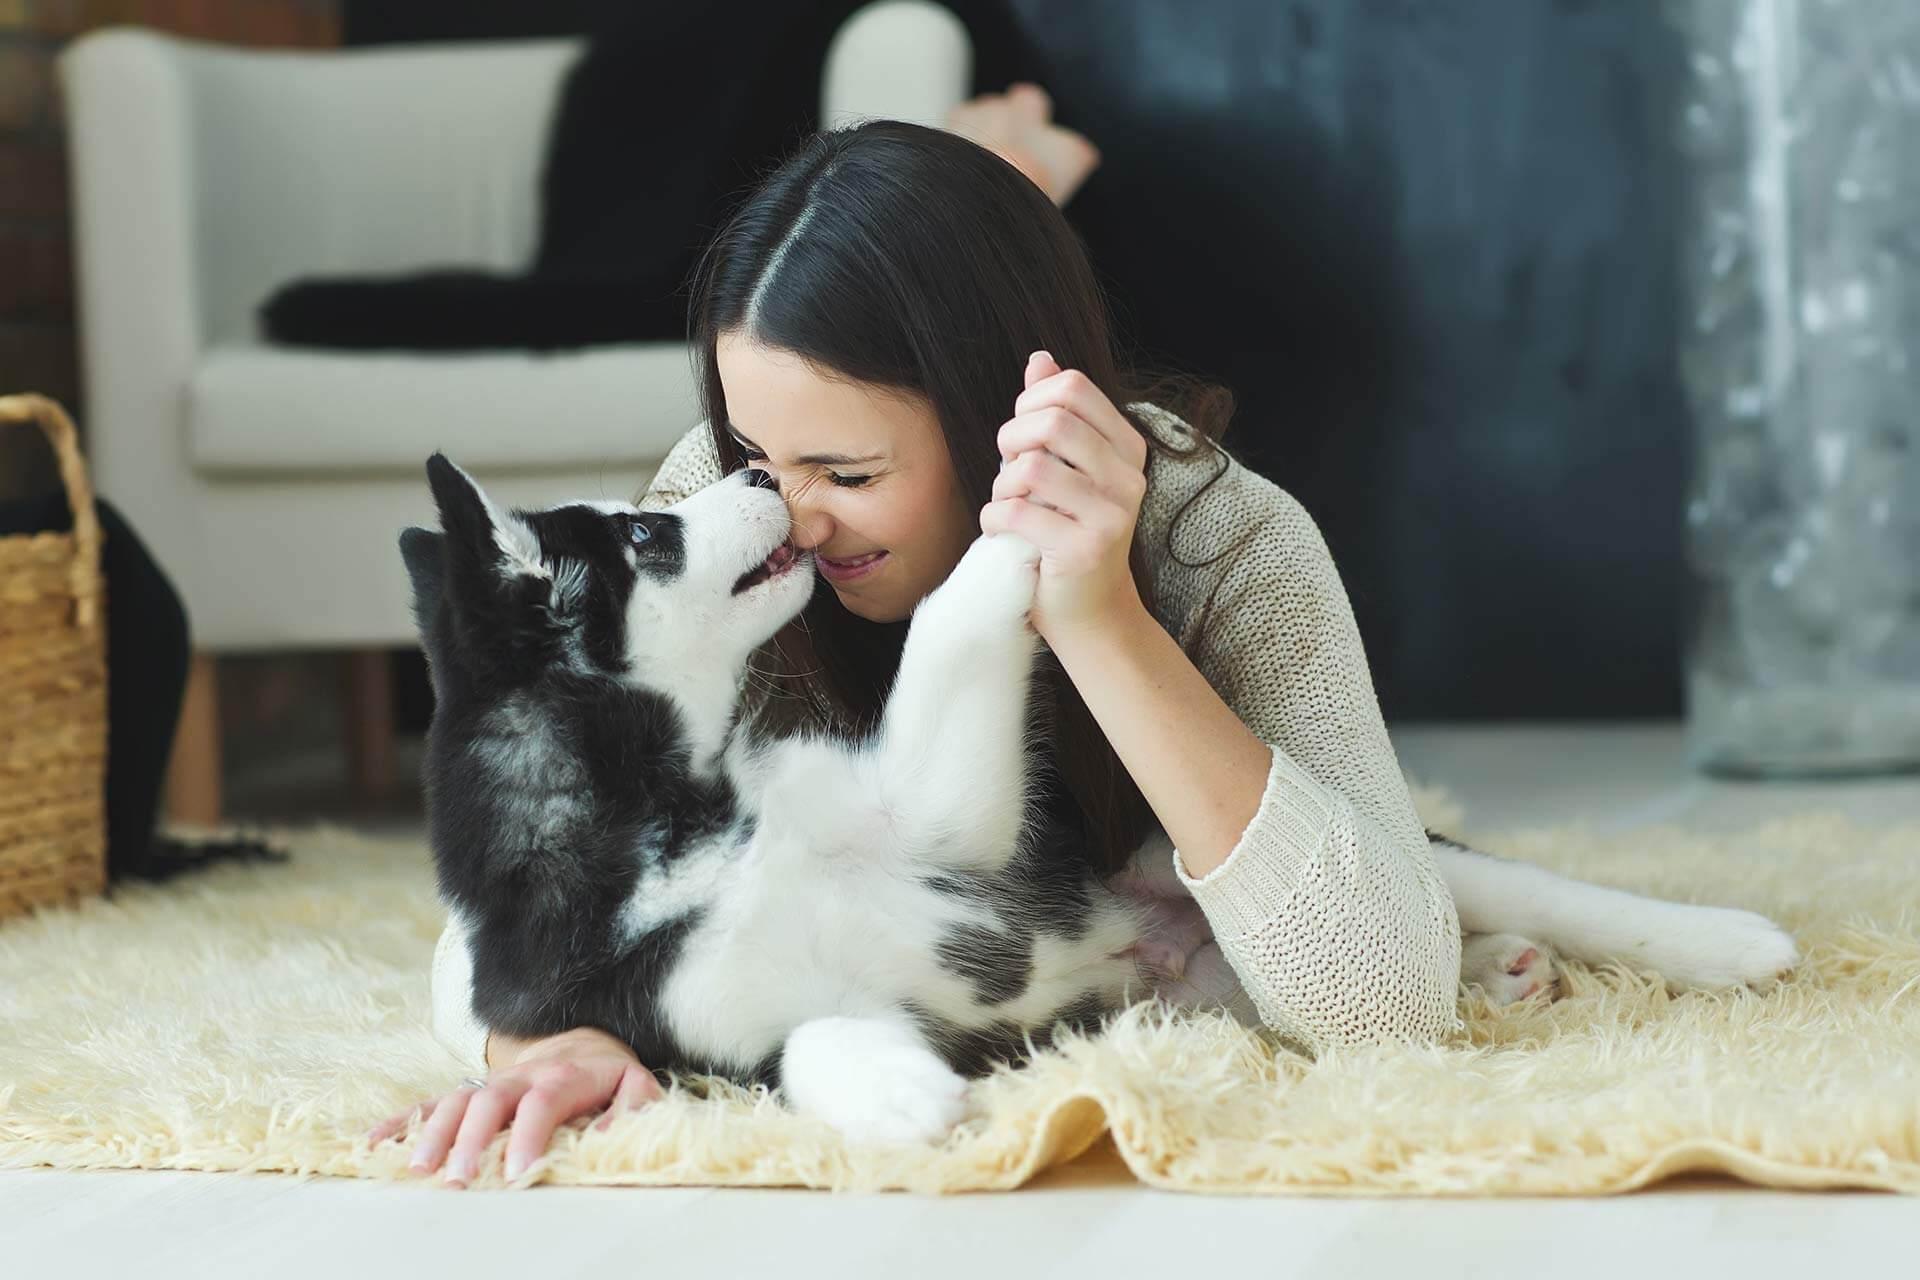 Hundeglück: 4 Gründe warum Hundebesitzer glücklicher sind